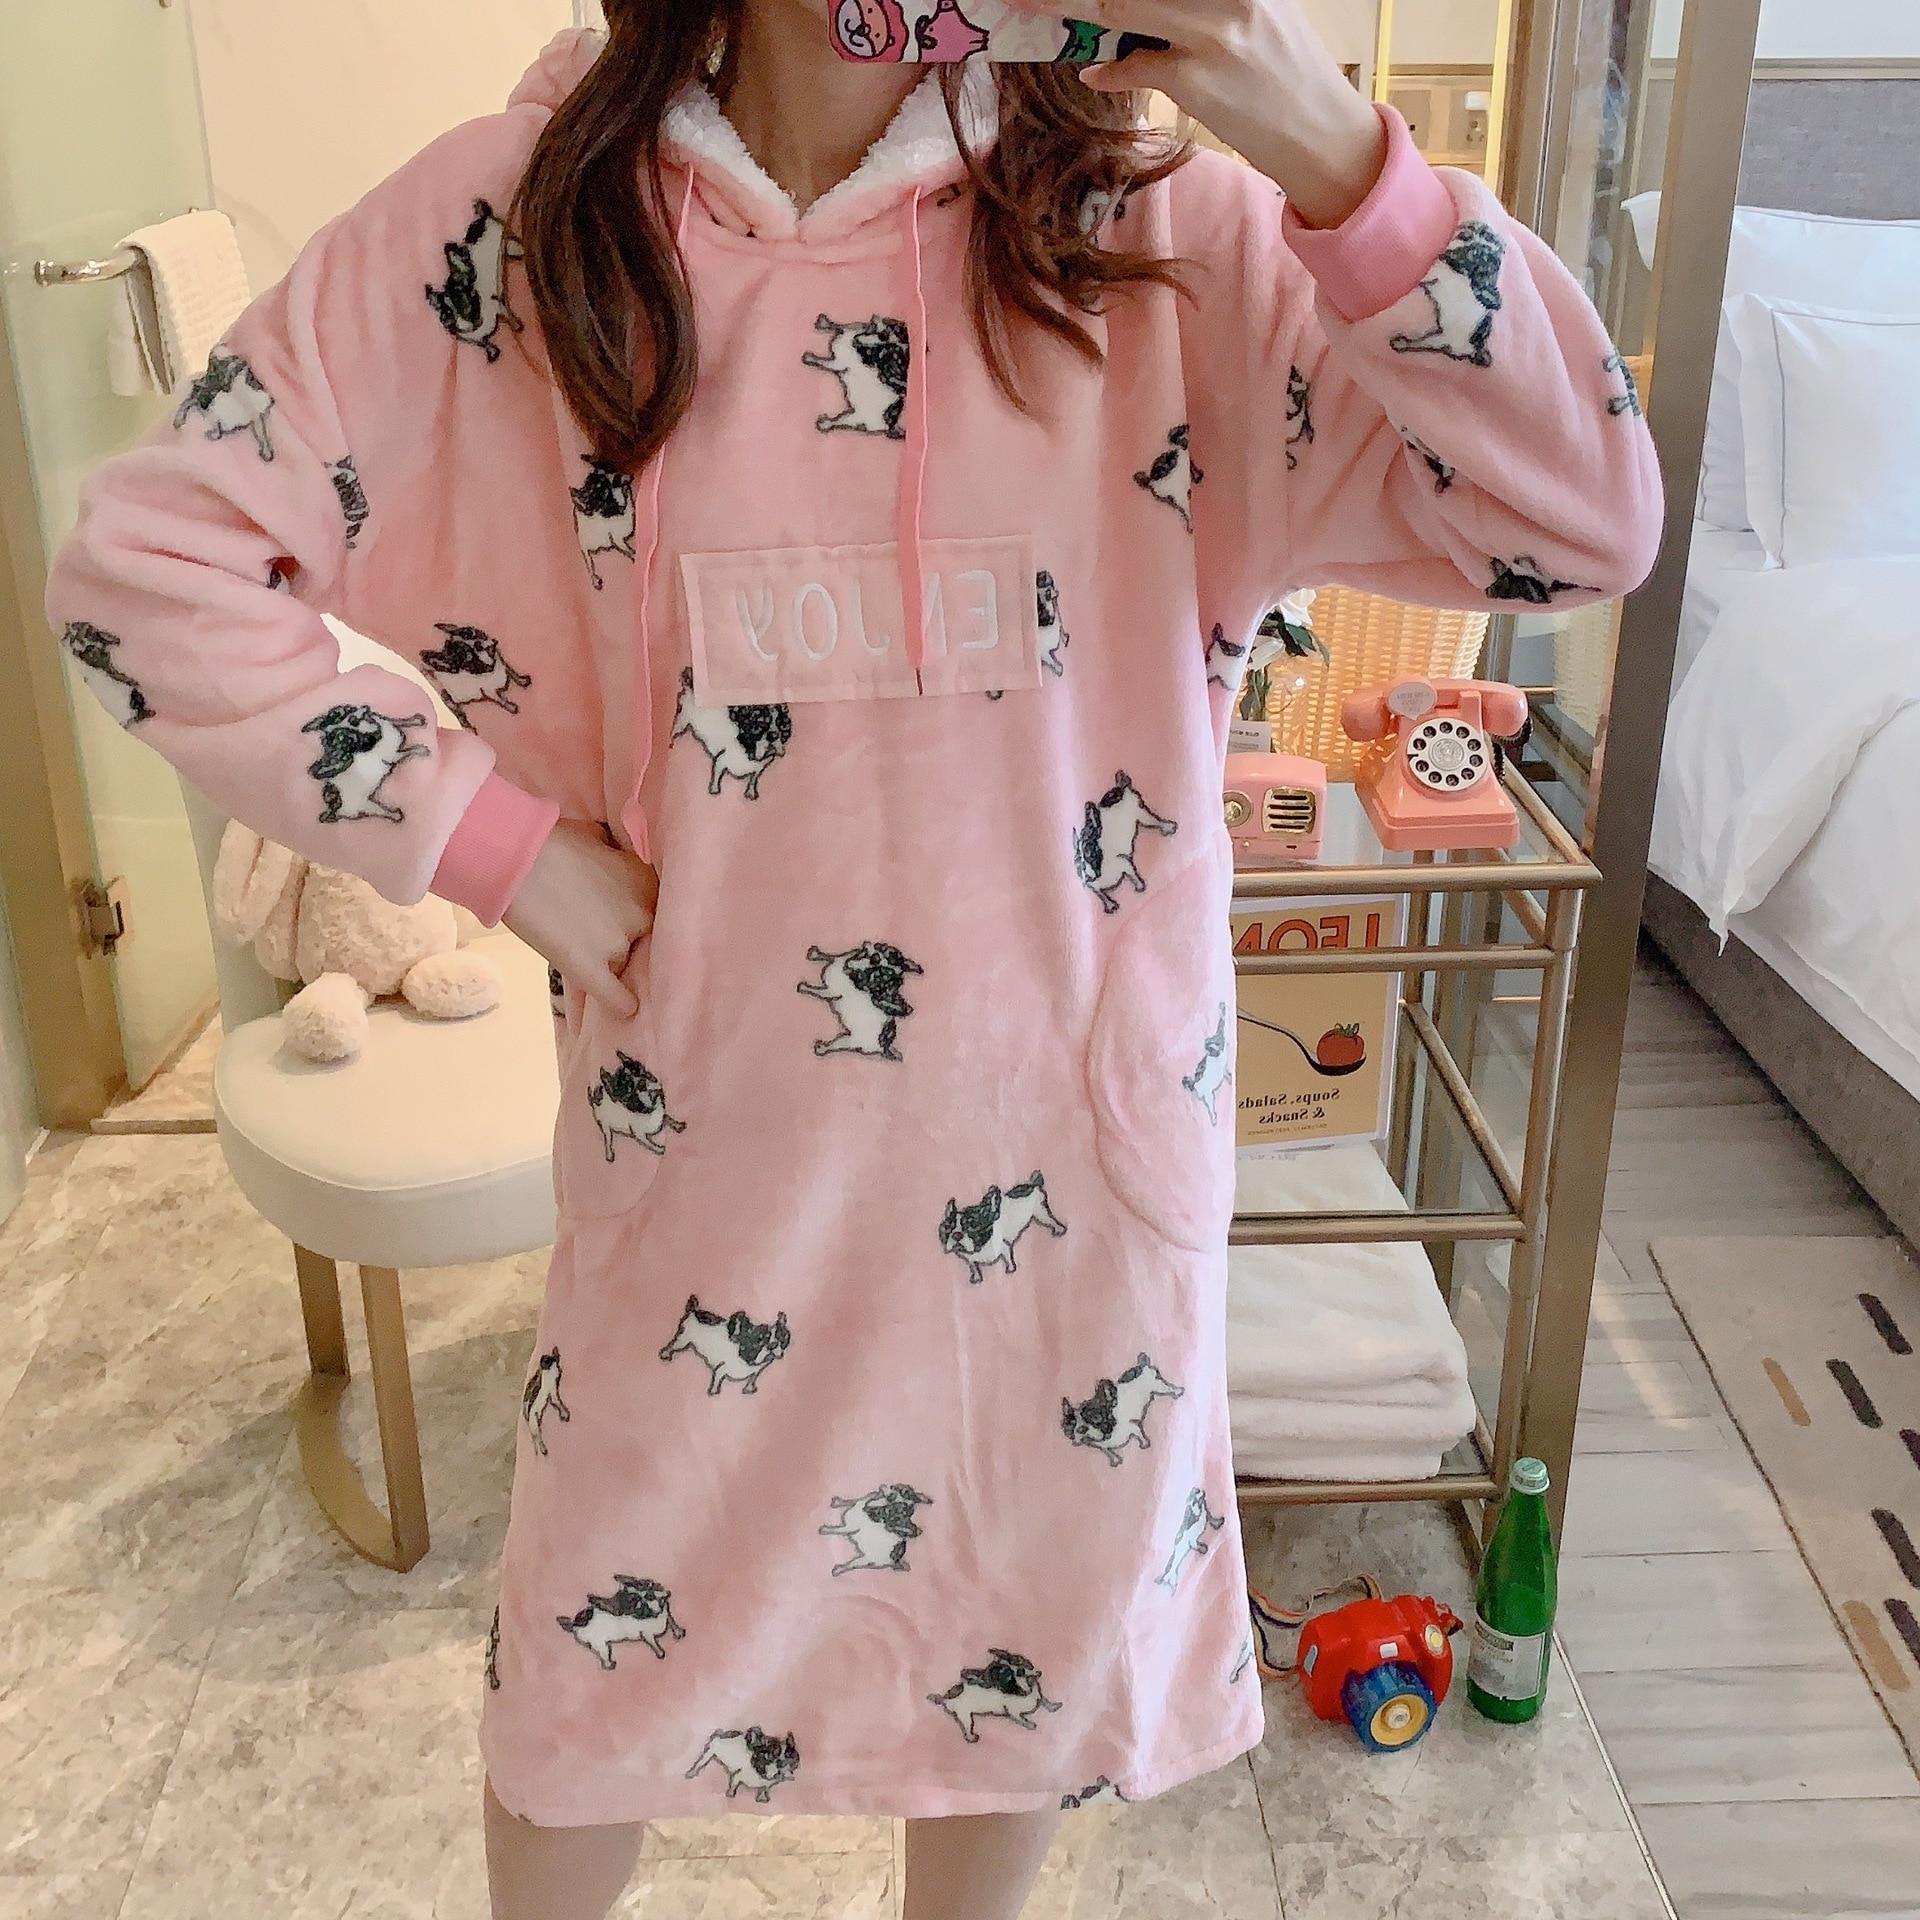 Фланелевая женская ночная рубашка для отдыха с героями мультфильмов; сезон осень зима; халат с милыми животными; женское плотное теплое пла